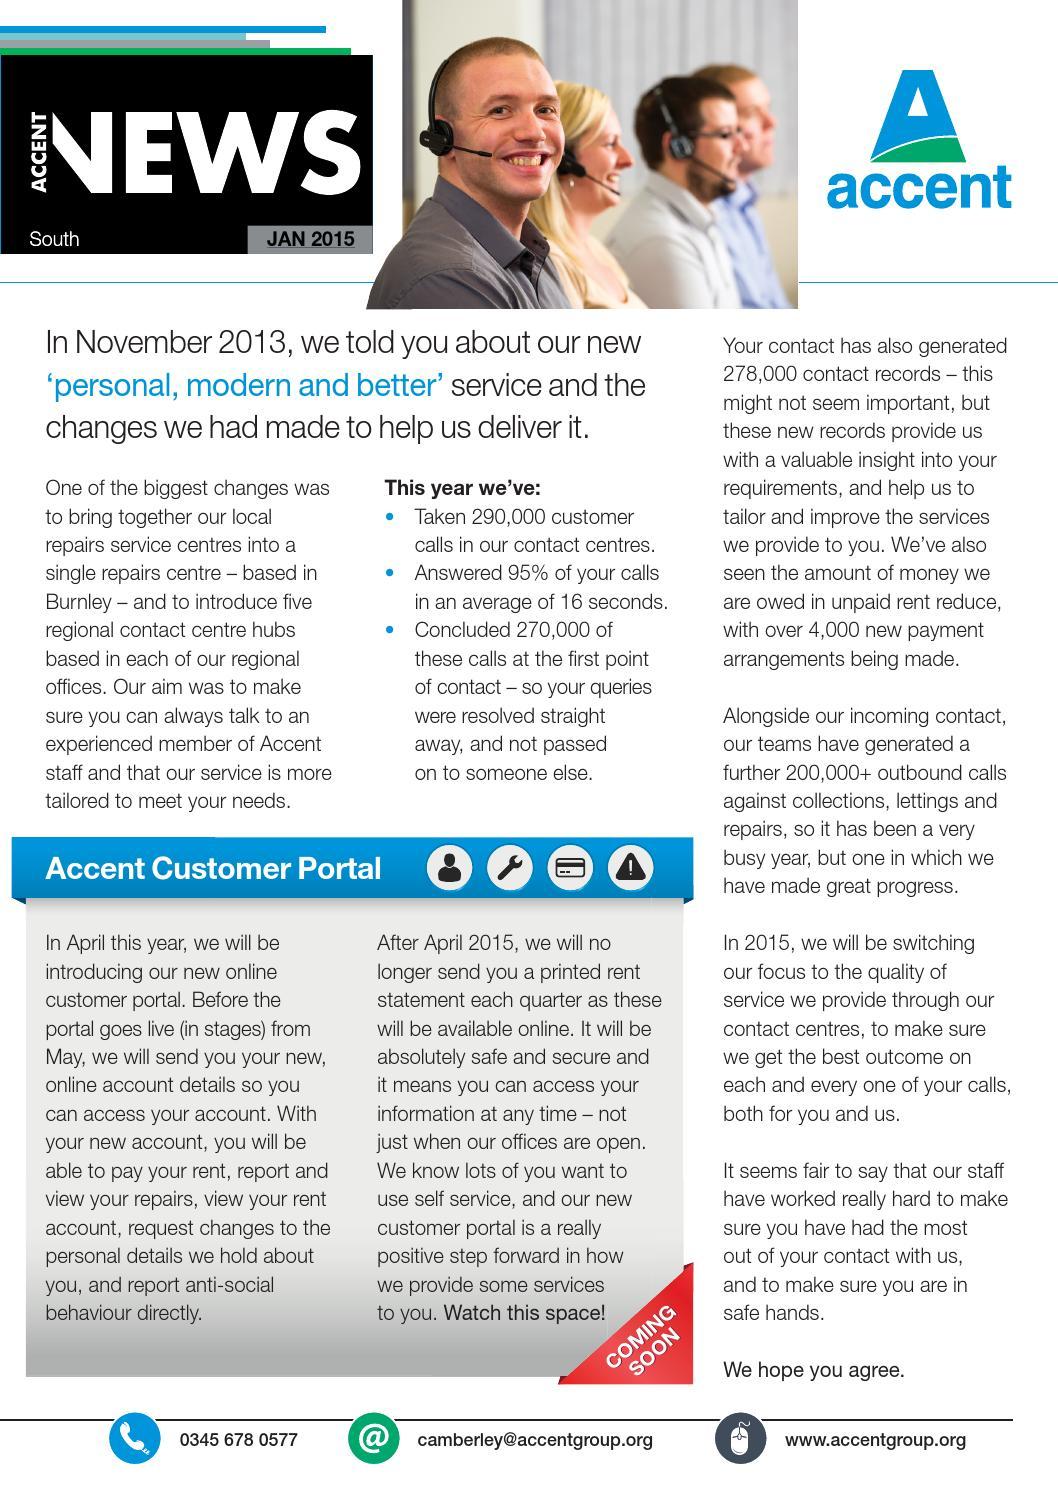 Create a custom report in access 2010